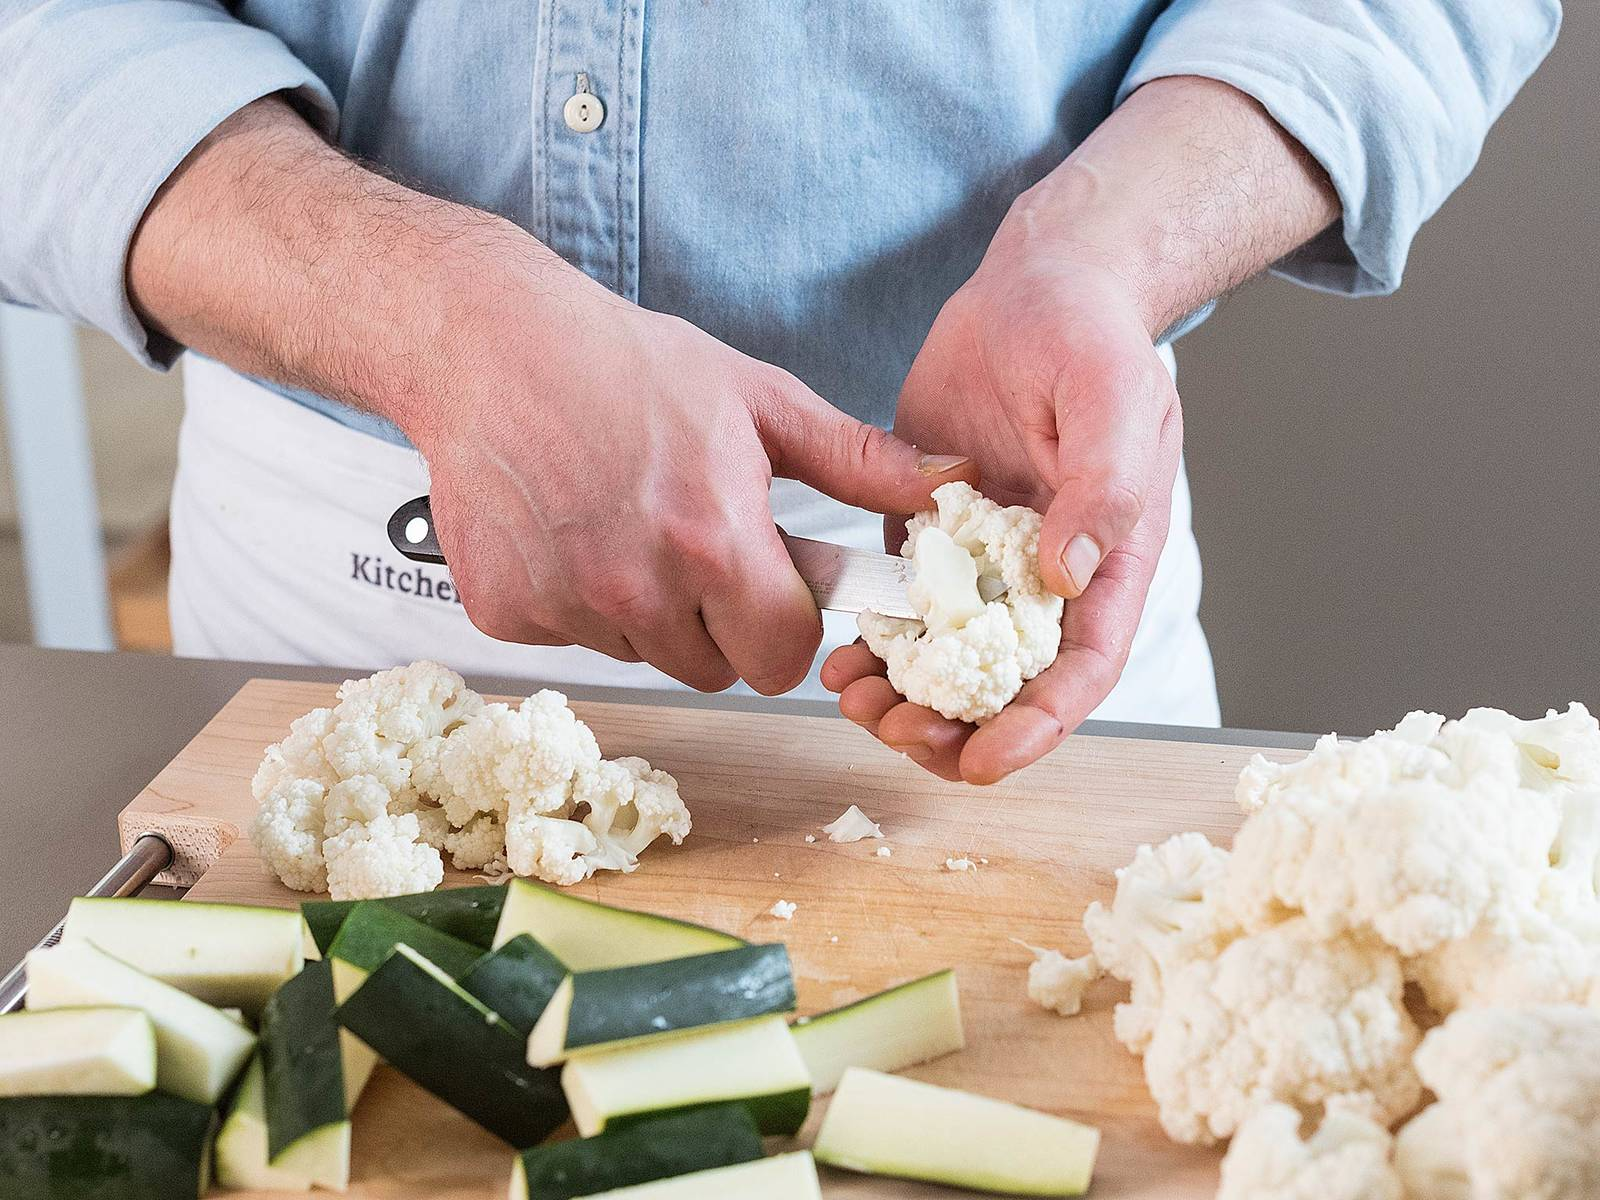 Währenddessen Zucchini in mundgerechte Stücke schneiden, anschließend für ca. 15 Min. mit Öl in einer Grillpfanne anbraten. Blumenkohl vom Strunk befreien und ebenfalls in mundgerechte Stücke schneiden. In einer Pfanne bei mittlerer bis hoher Hitze ca. 15 Min. braten. Zucchini und Blumenkohl mit Salz und Pfeffer abschmecken und beiseitestellen.